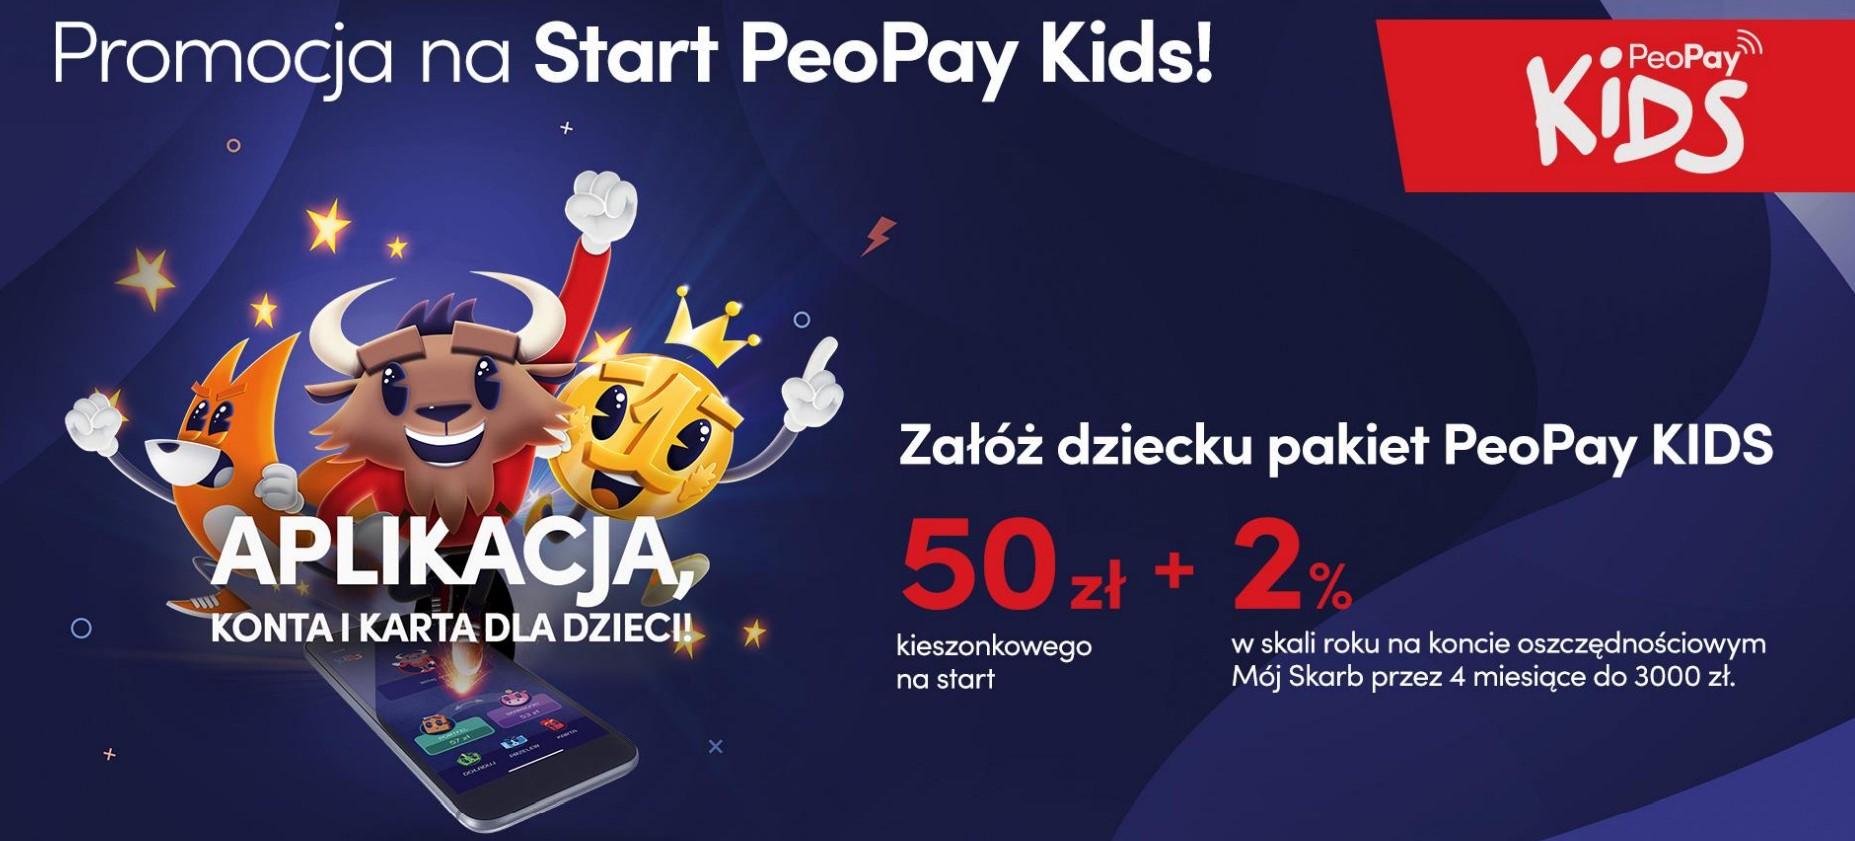 PeoPay Kids - mobilna aplikacja bankowa dla najmłodszych od Pekao SA już dostępna